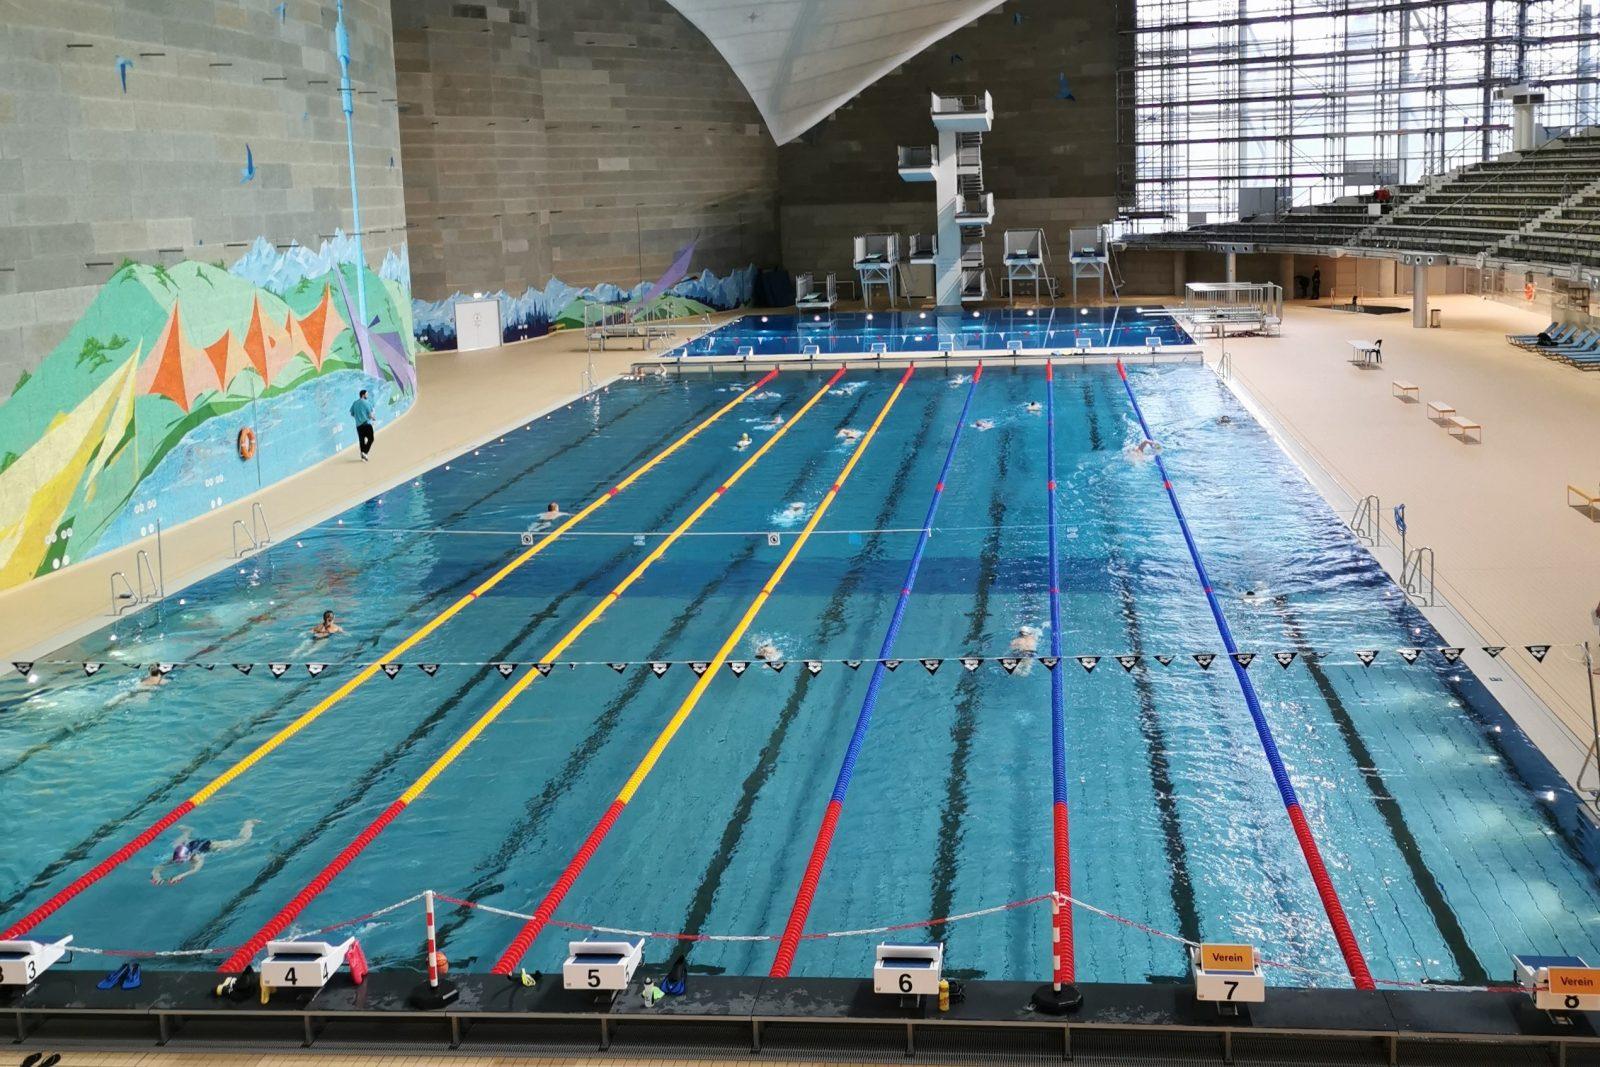 Sportschwimmerbecken der SWM Olympia-Schwimmhalle München